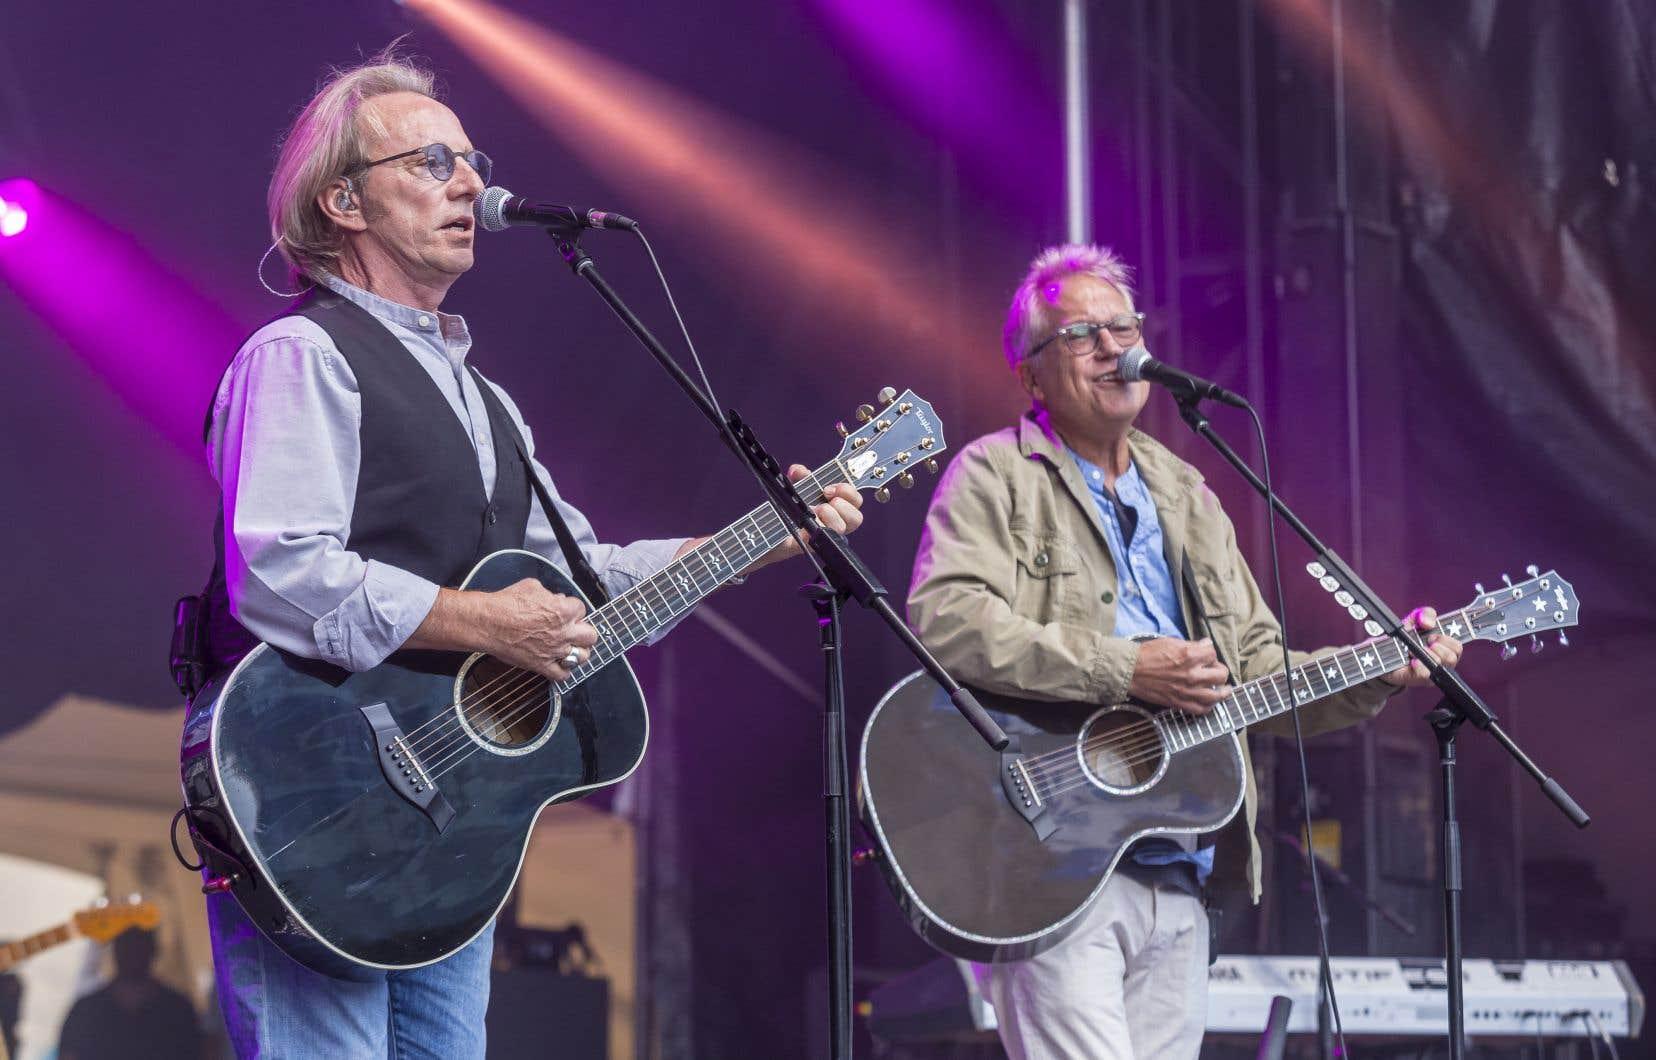 America, c'était un peu les Eagles, un peu Crosby, Stills et Nash, un peu les Bee Gees, un peu les Beach Boys, un peu beaucoup les Beatles. Le meilleur du folk-pop acoustique des années 1970.